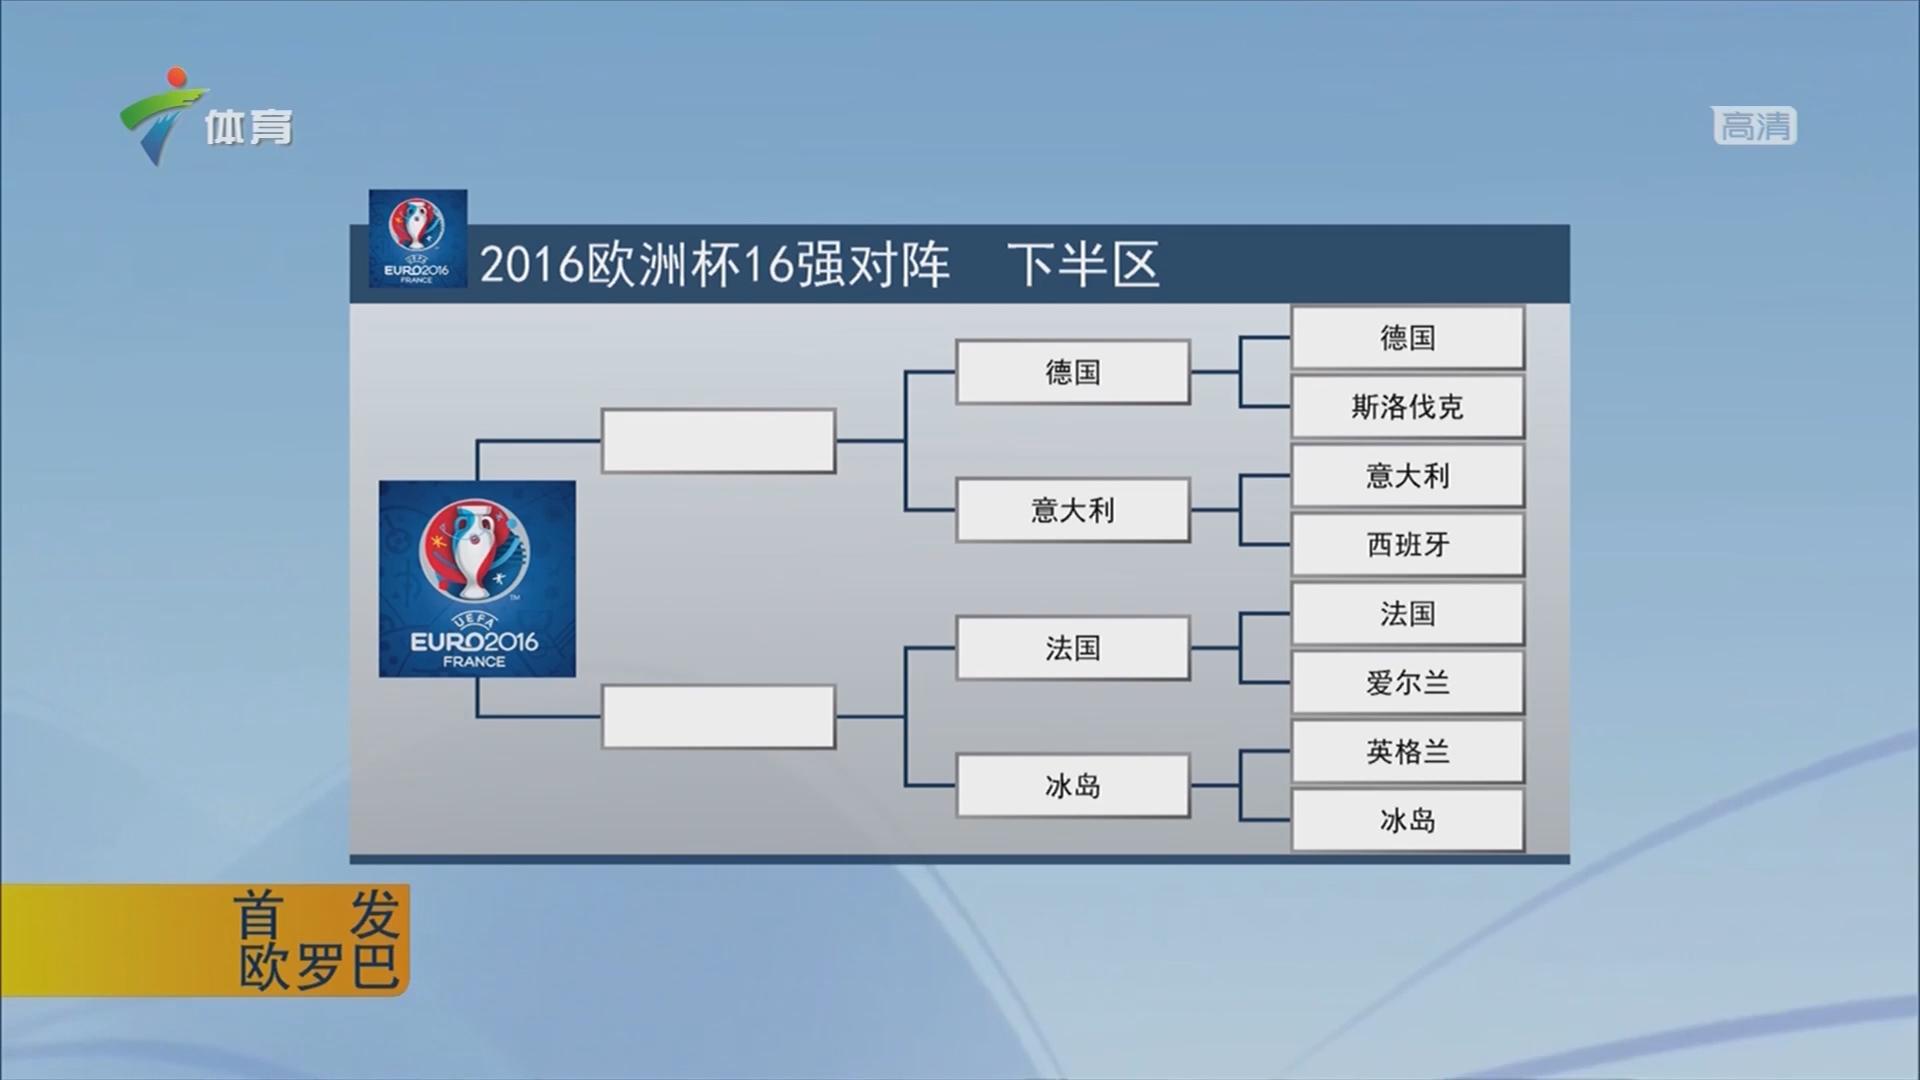 2016欧洲杯16强对阵